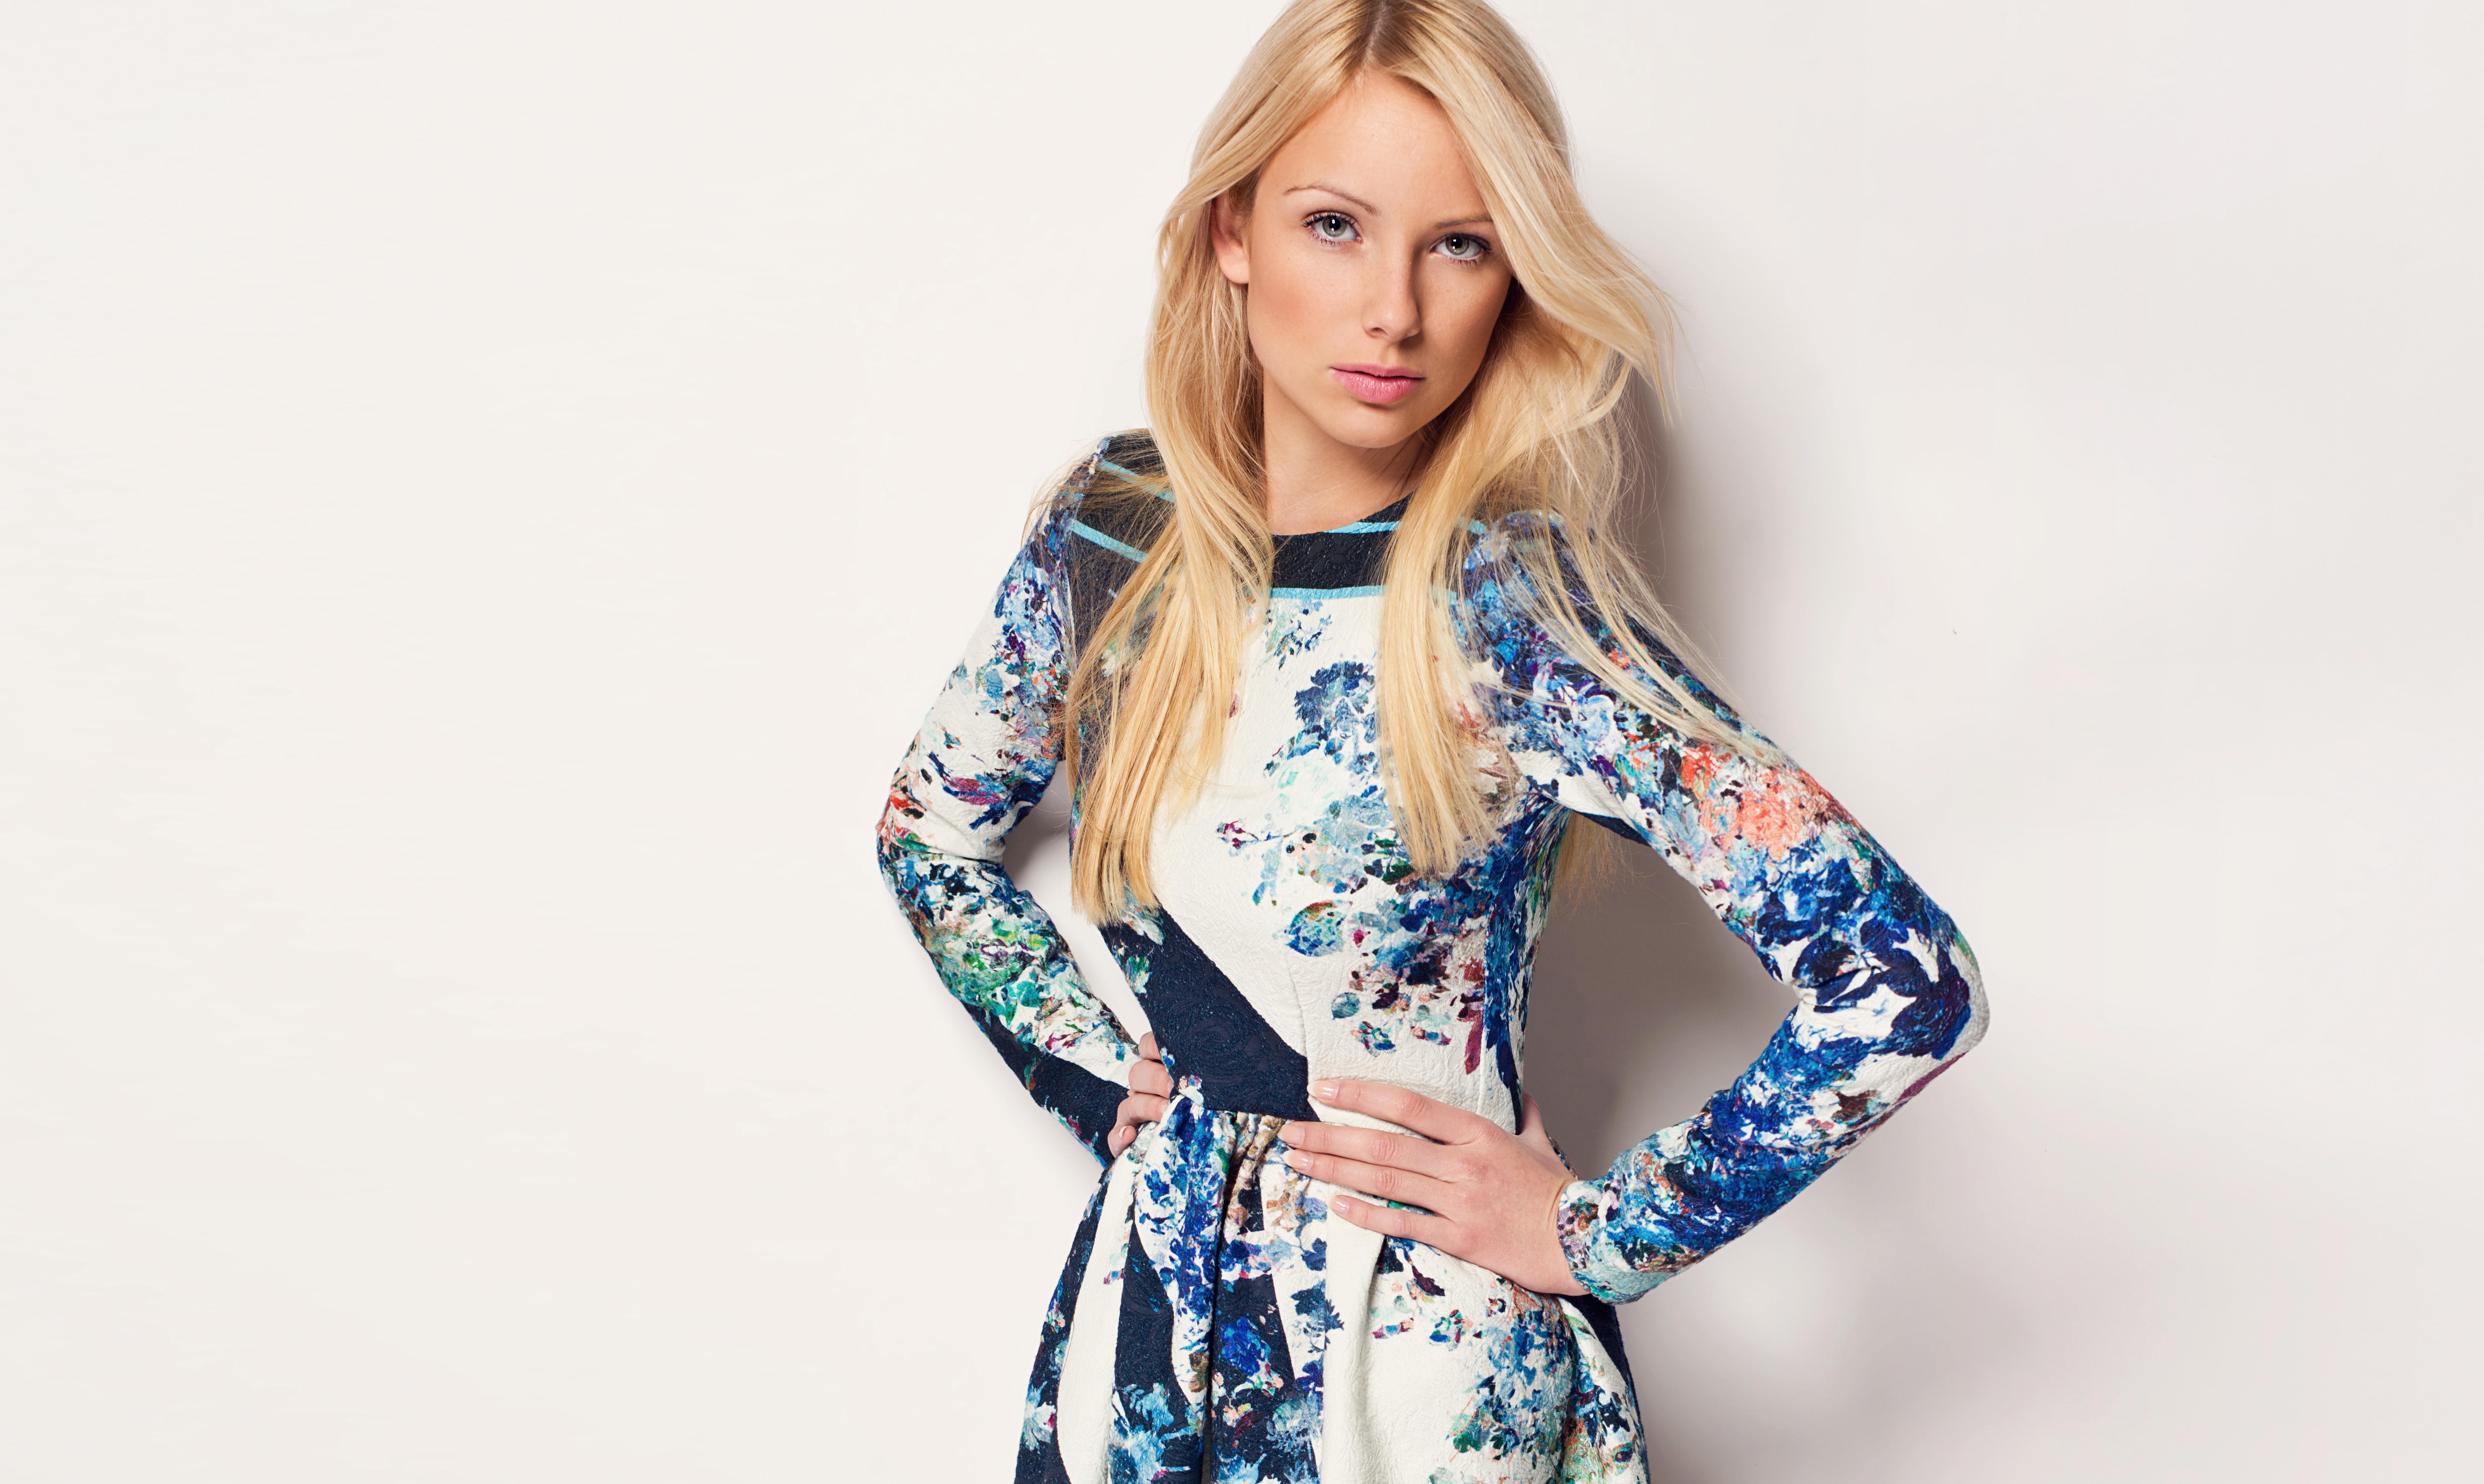 Batika, aneb znovu objevený trend - jak jej nosit?